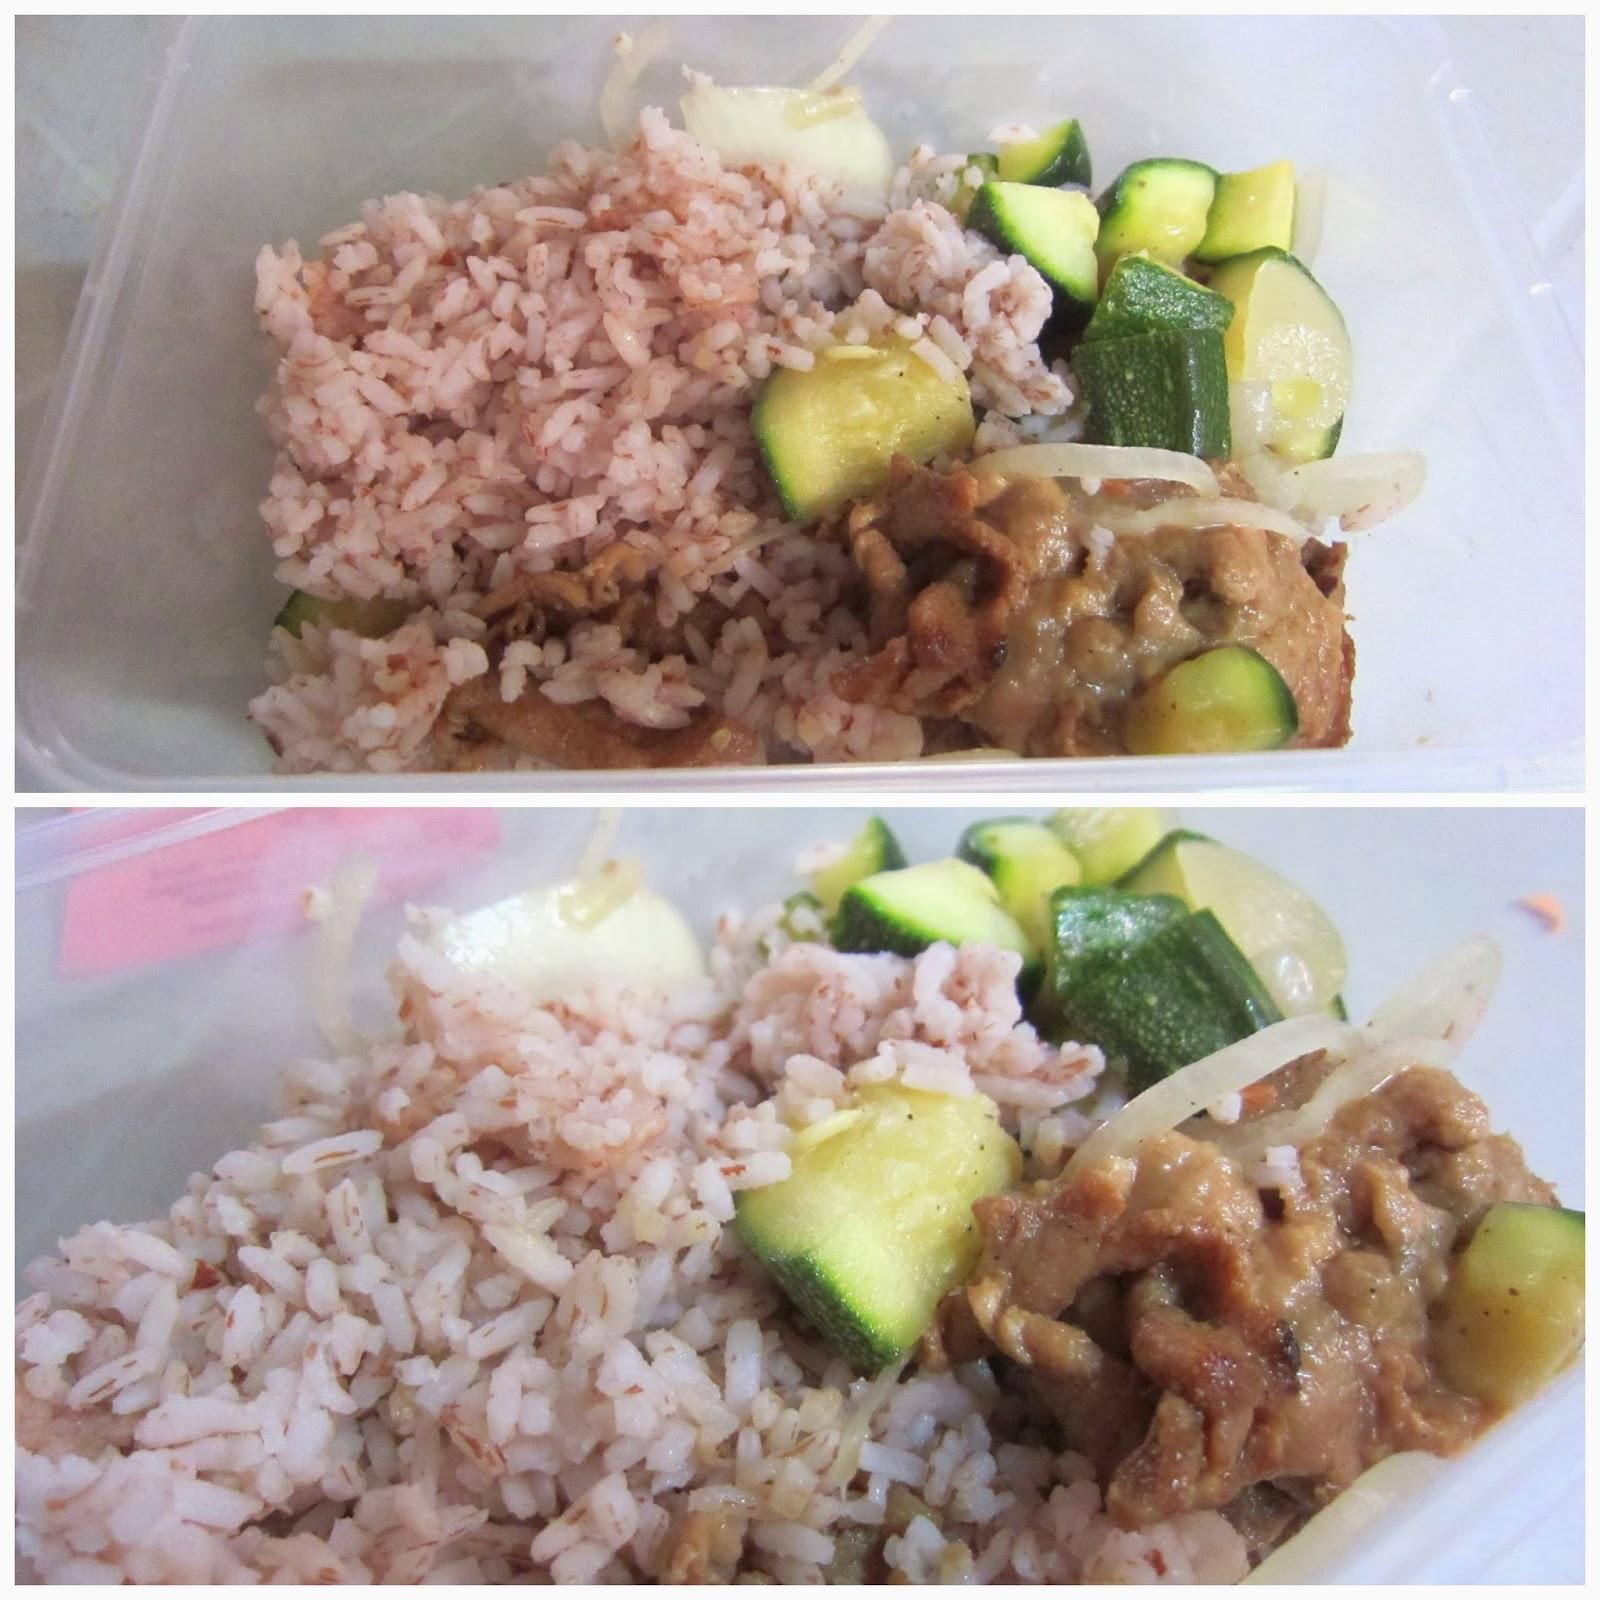 Weekly-menu - Lunchbox Diet